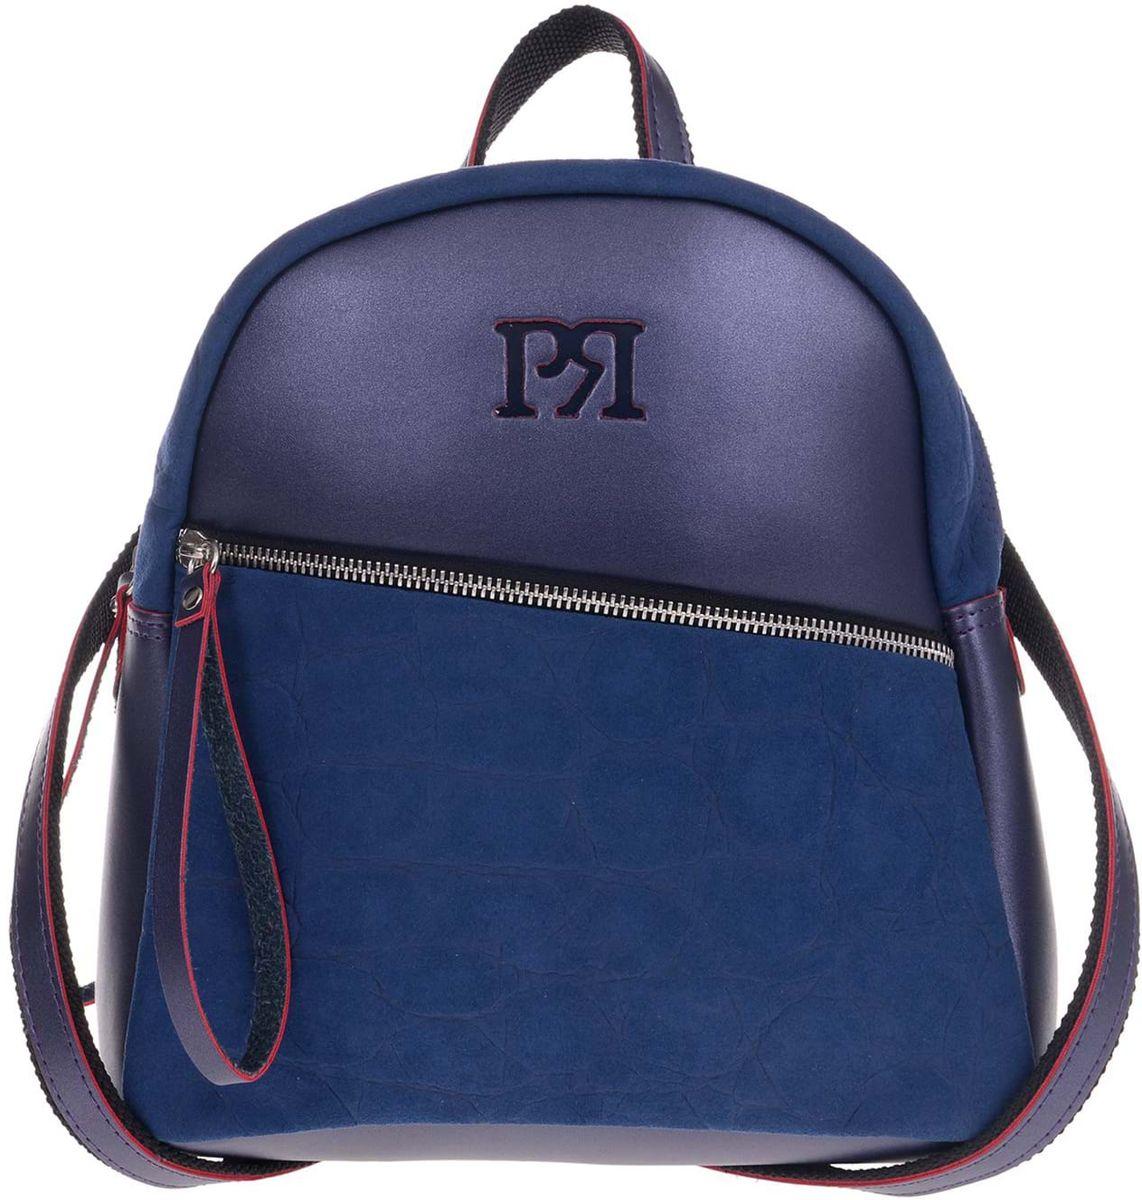 Γυναικείo σακίδιο πλάτης Pierro Accessories 90454KS-05 Μπλε γυναικείες τσάντες   τσάντες πλάτης